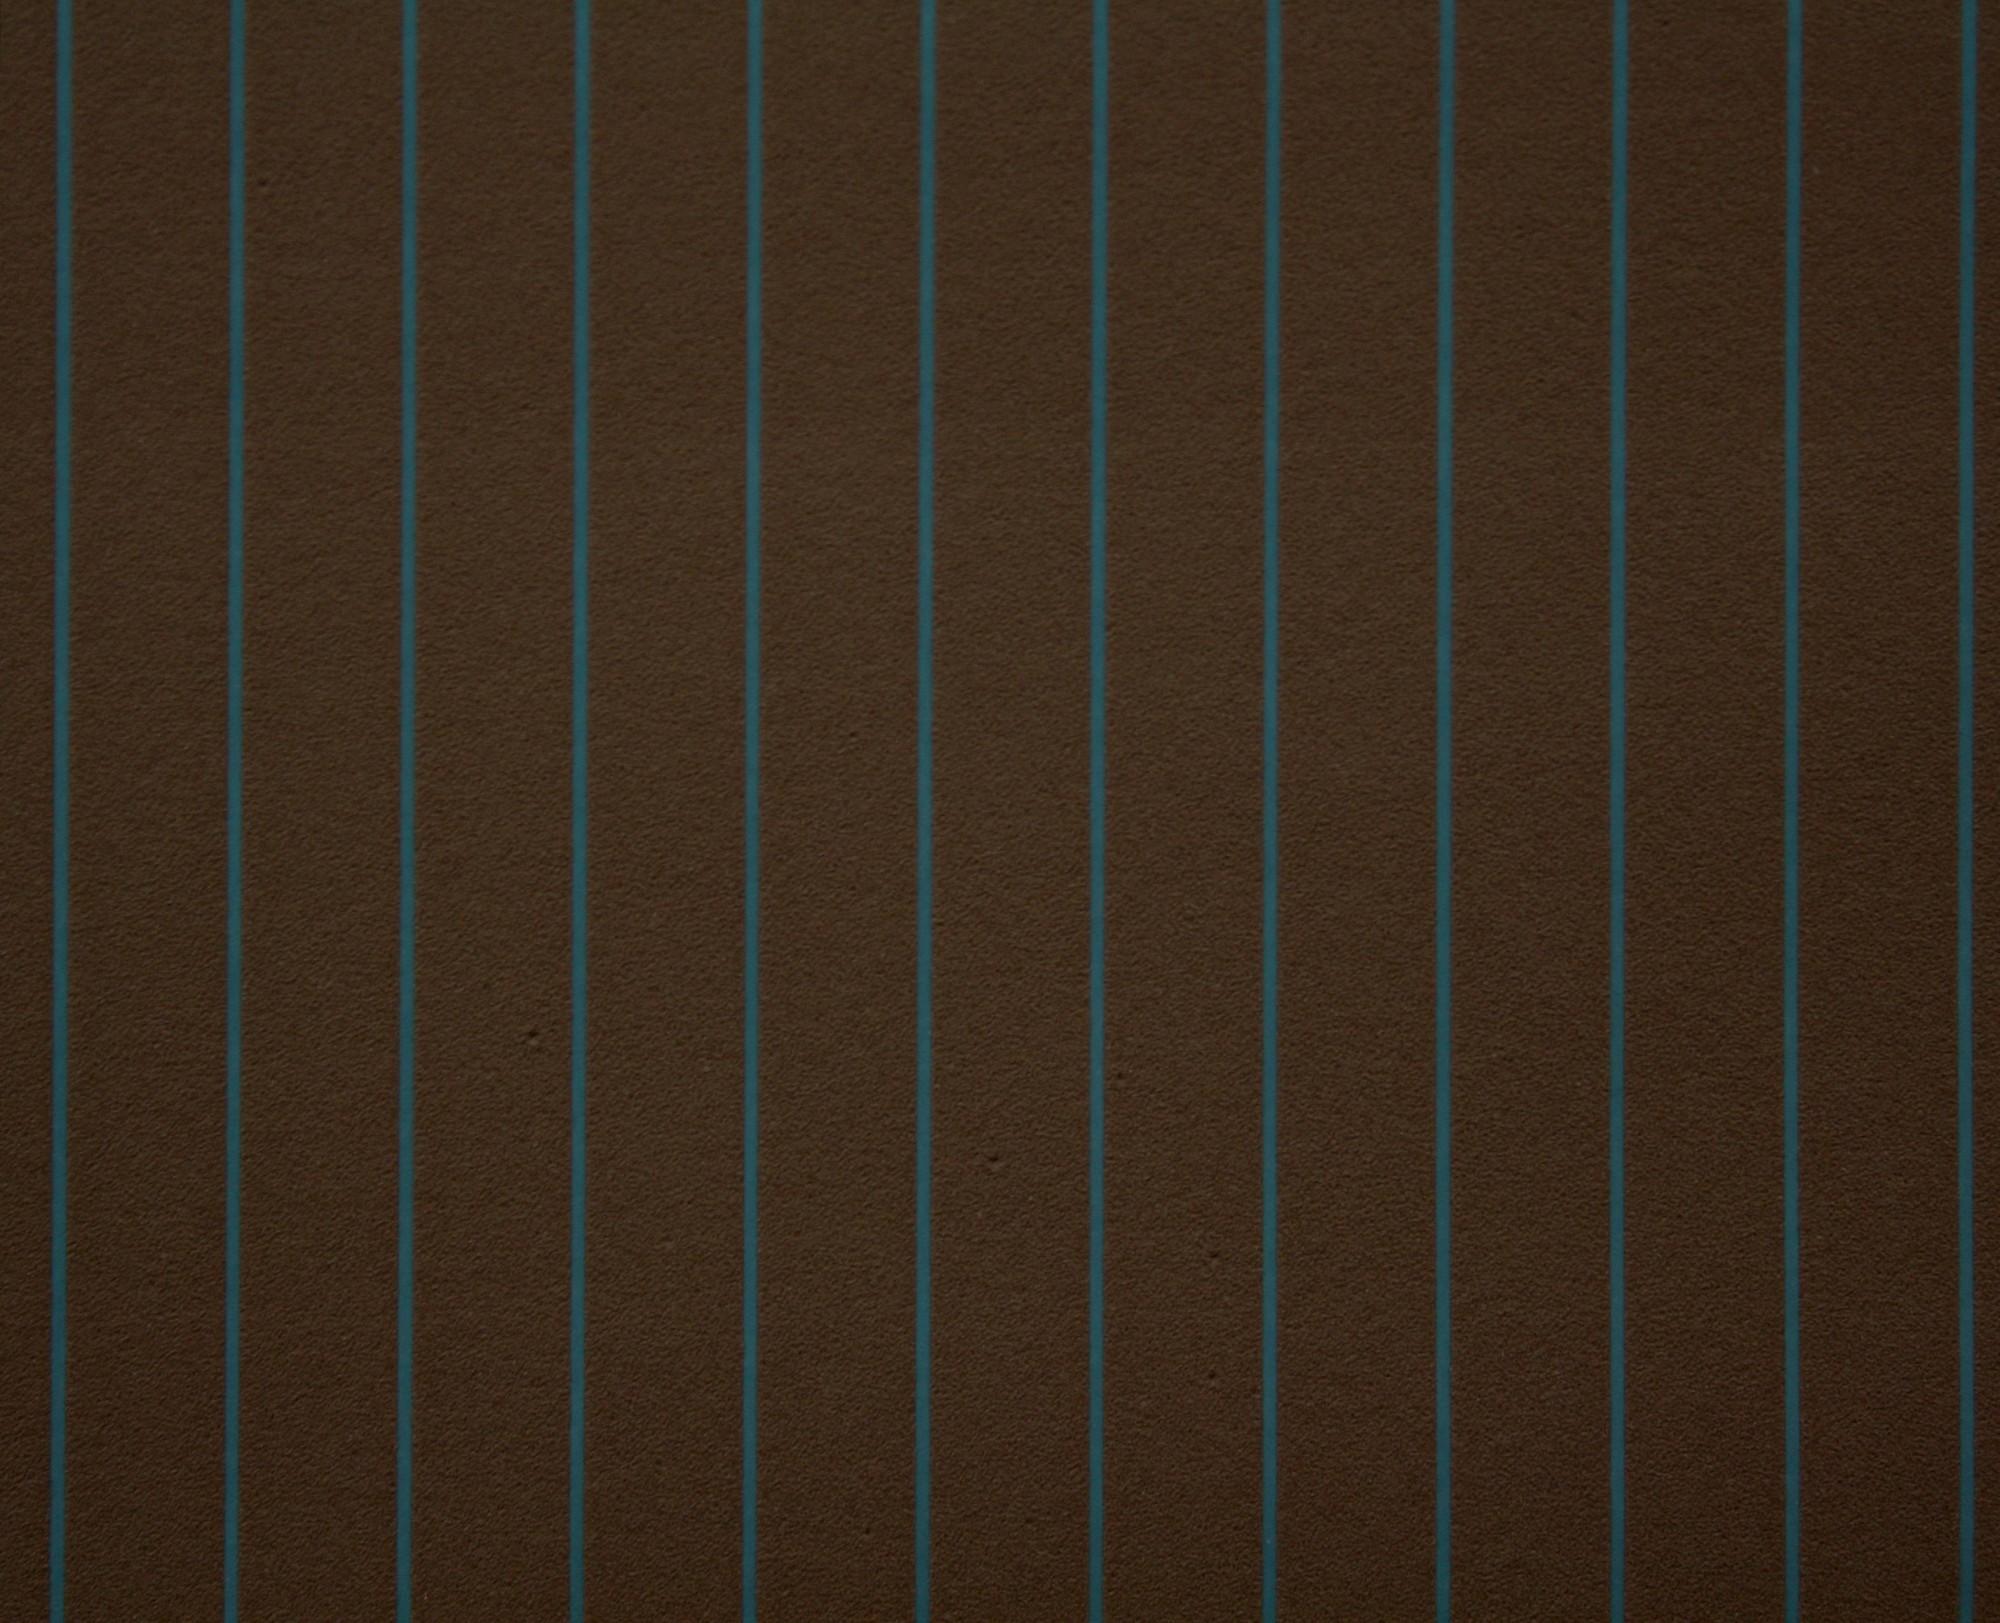 sch ner wohnen 4 tapete braun blau 1150 89. Black Bedroom Furniture Sets. Home Design Ideas